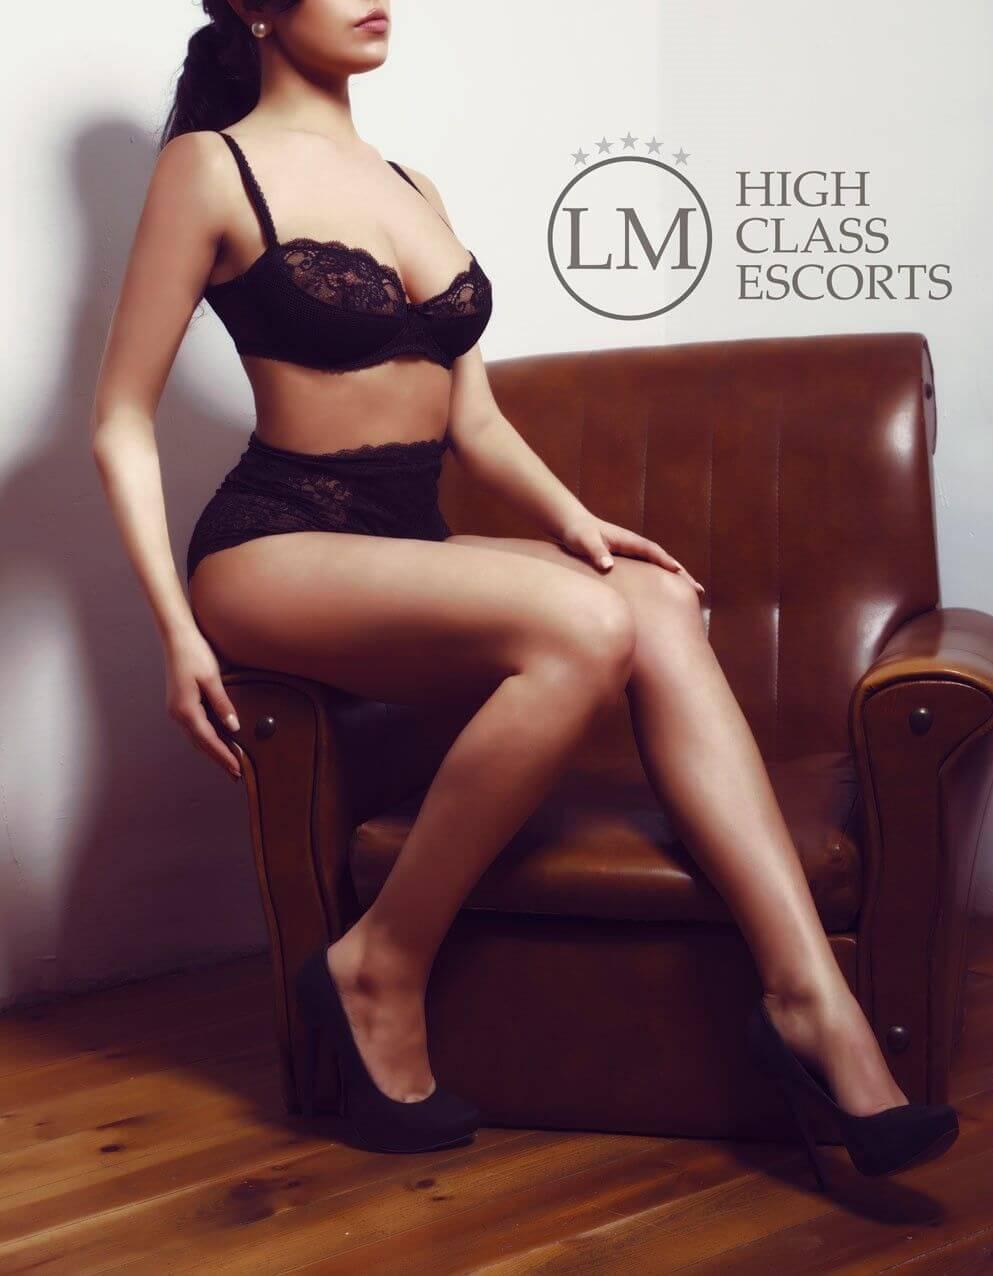 enma-escort-barcelona5